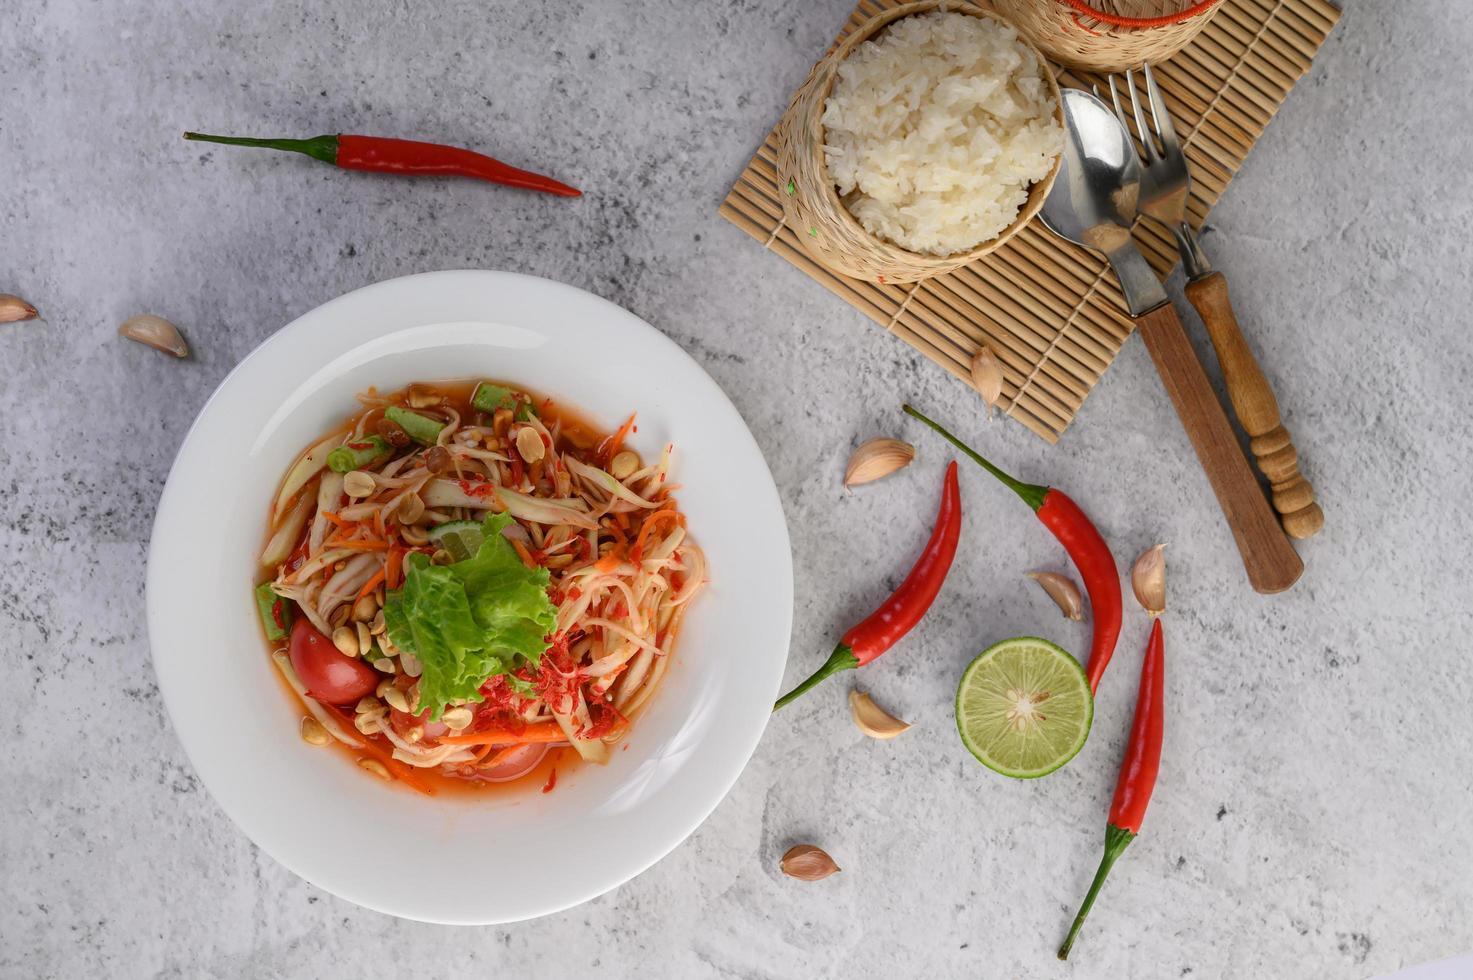 Salade de papaye thaï sur une assiette blanche avec riz gluant, piment, cuillère et fourchette photo